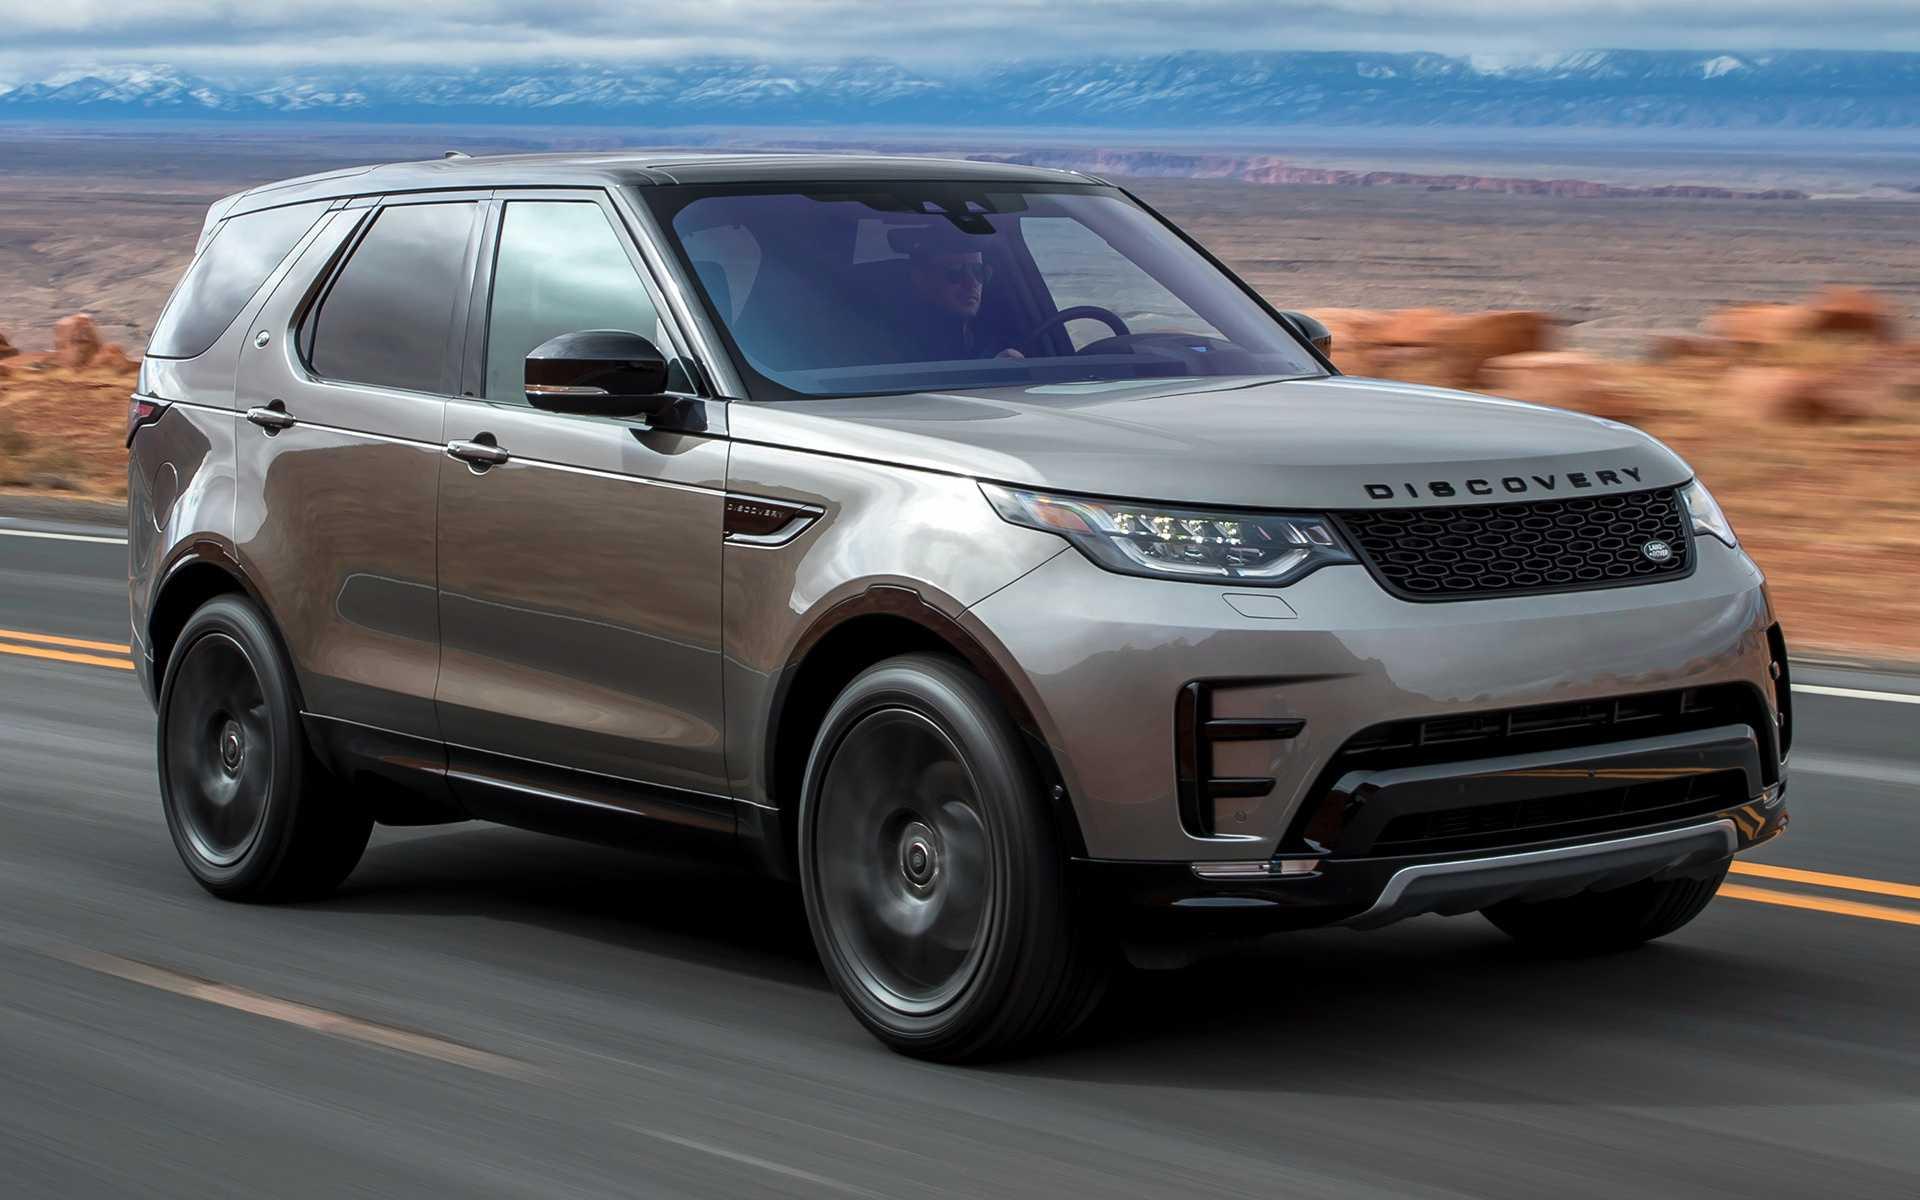 Новинки land rover 2019-2020: комплектации и цены, фото новых моделей